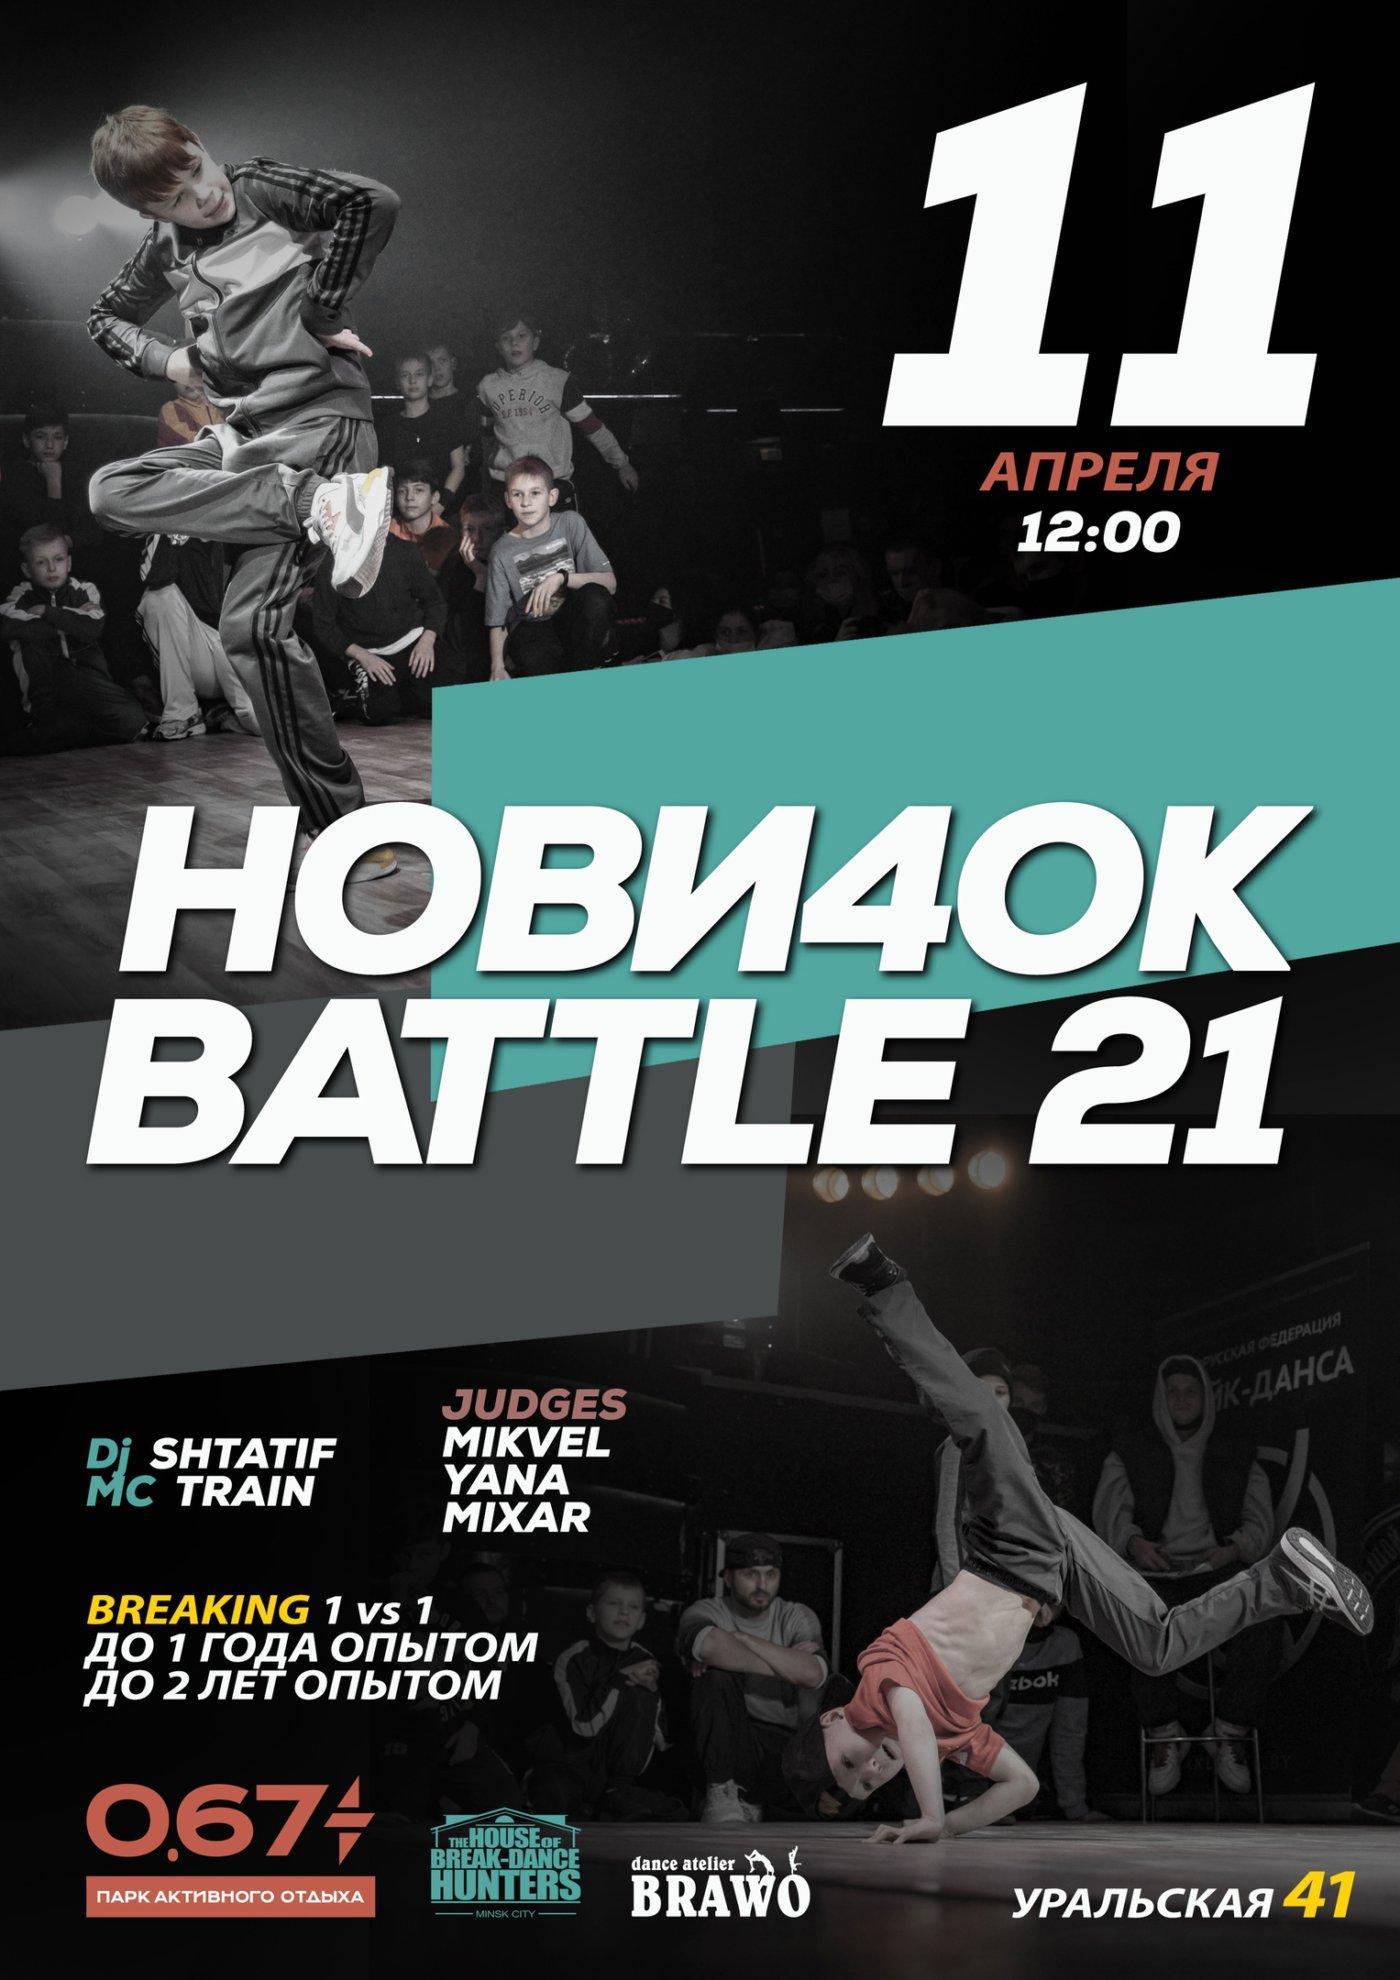 Нови4ок Батл в это воскресенье - брейк-данс фестиваль для самых начинающих танцоров